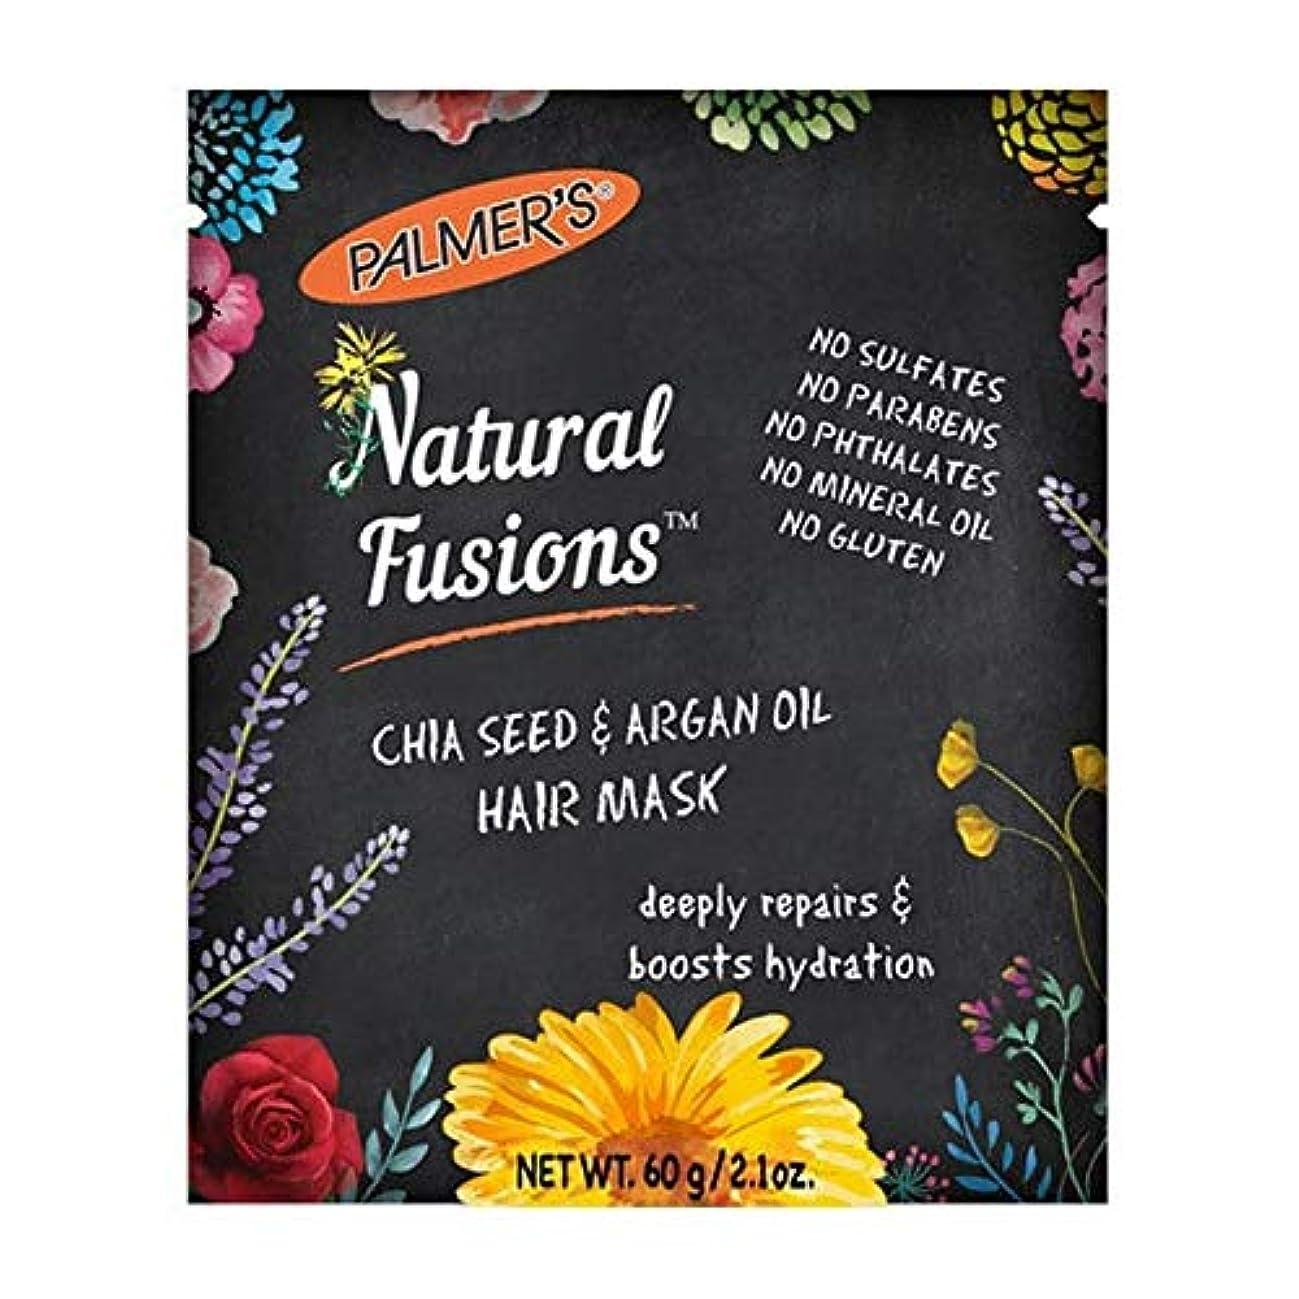 とても君主モロニック[Palmer's ] パーマーの自然な融合チアシード&アルガンオイルヘアマスク60グラム - Palmer's Natural Fusions Chia Seed & Argan Oil Hair Mask 60g [...